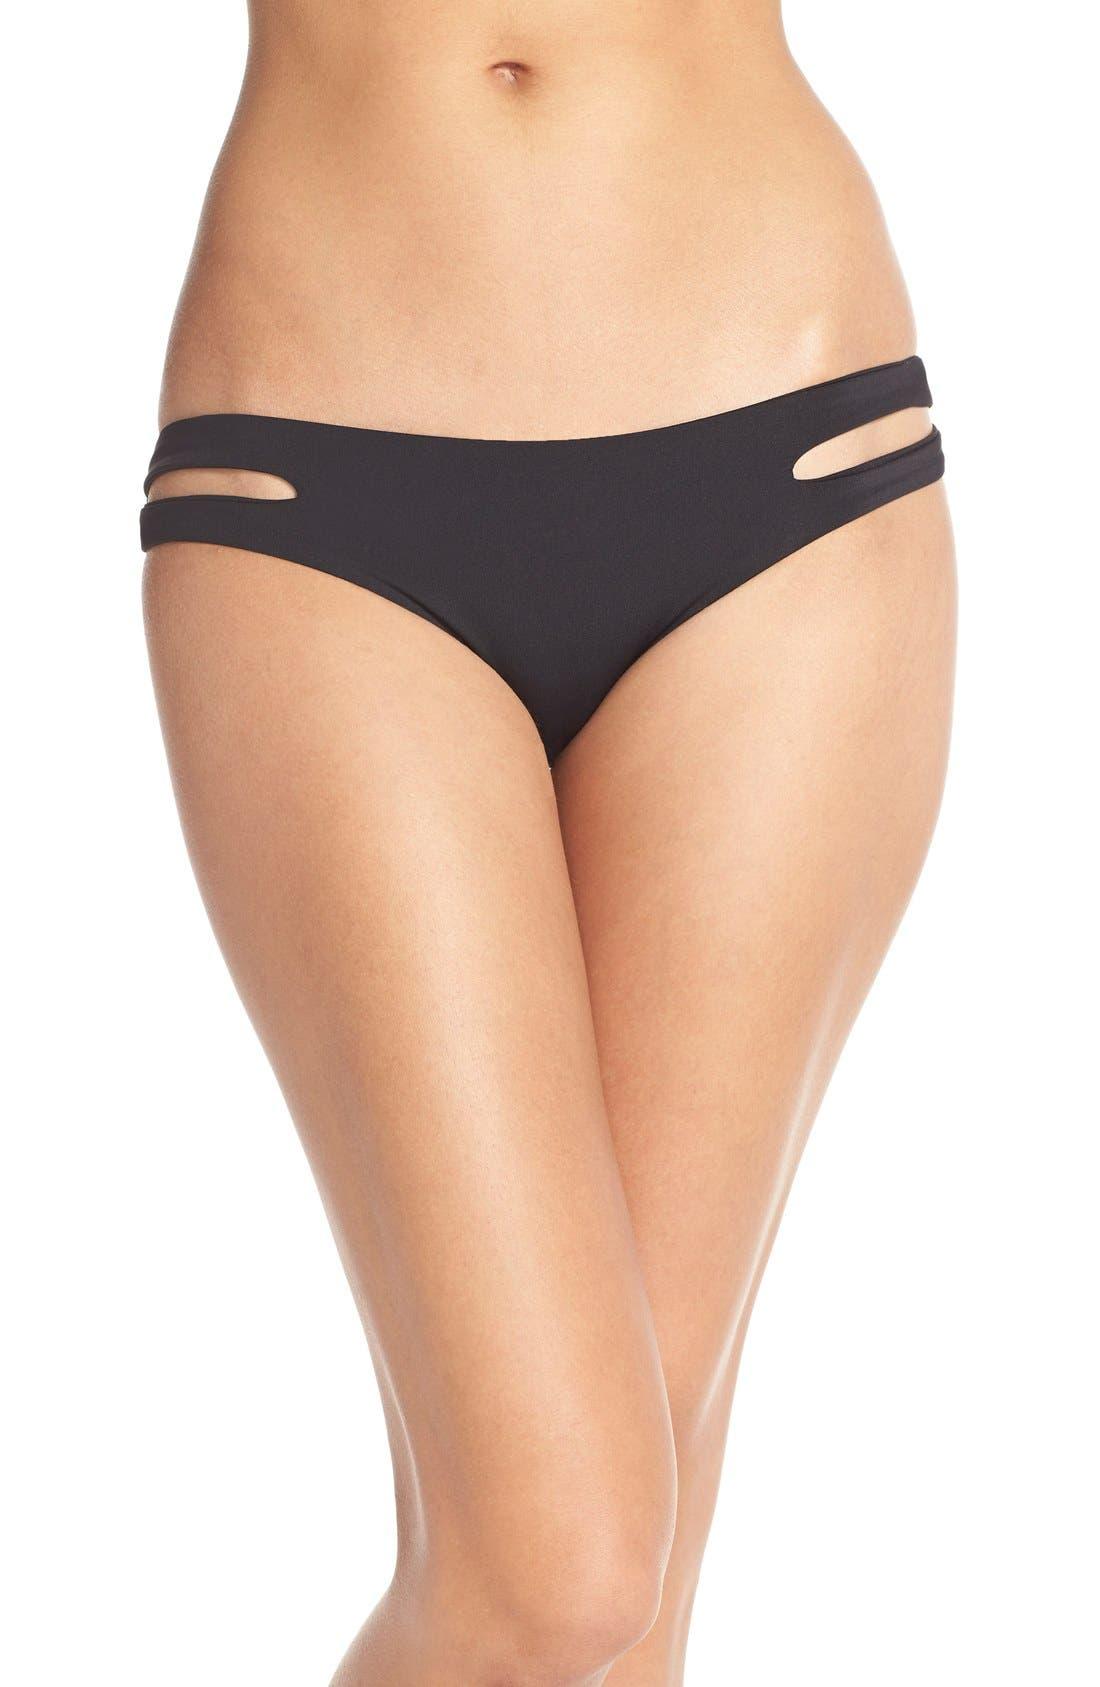 Estella Classic Bikini Bottoms,                             Main thumbnail 1, color,                             Black